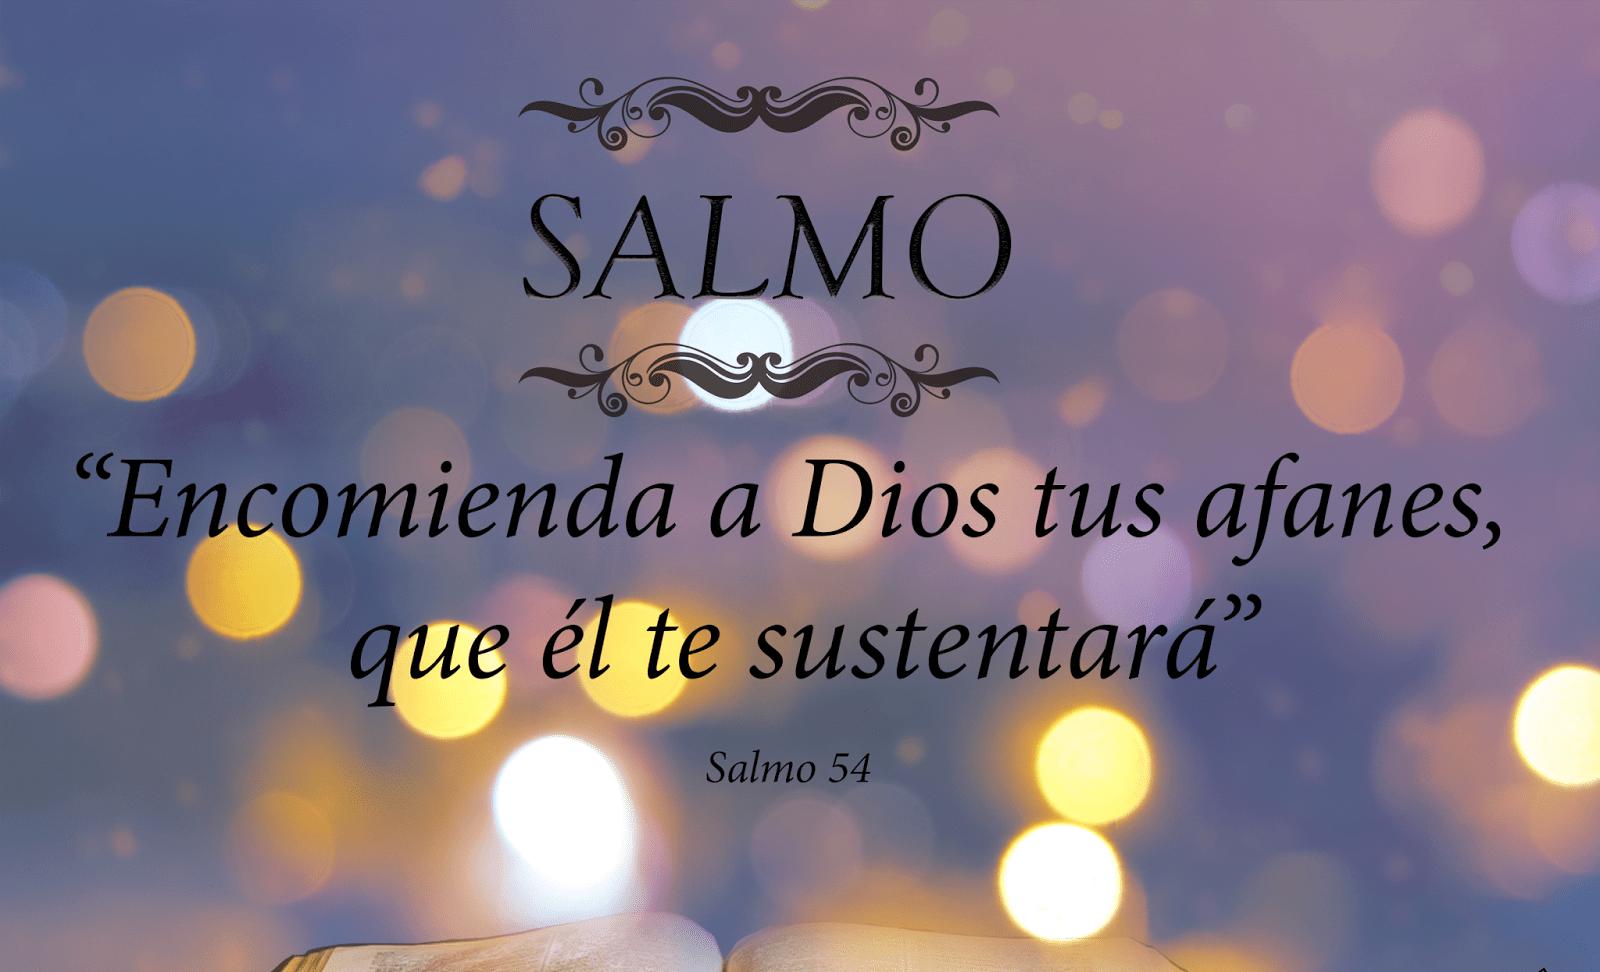 Encomienda a Dios tus afanes, que él te sustentará